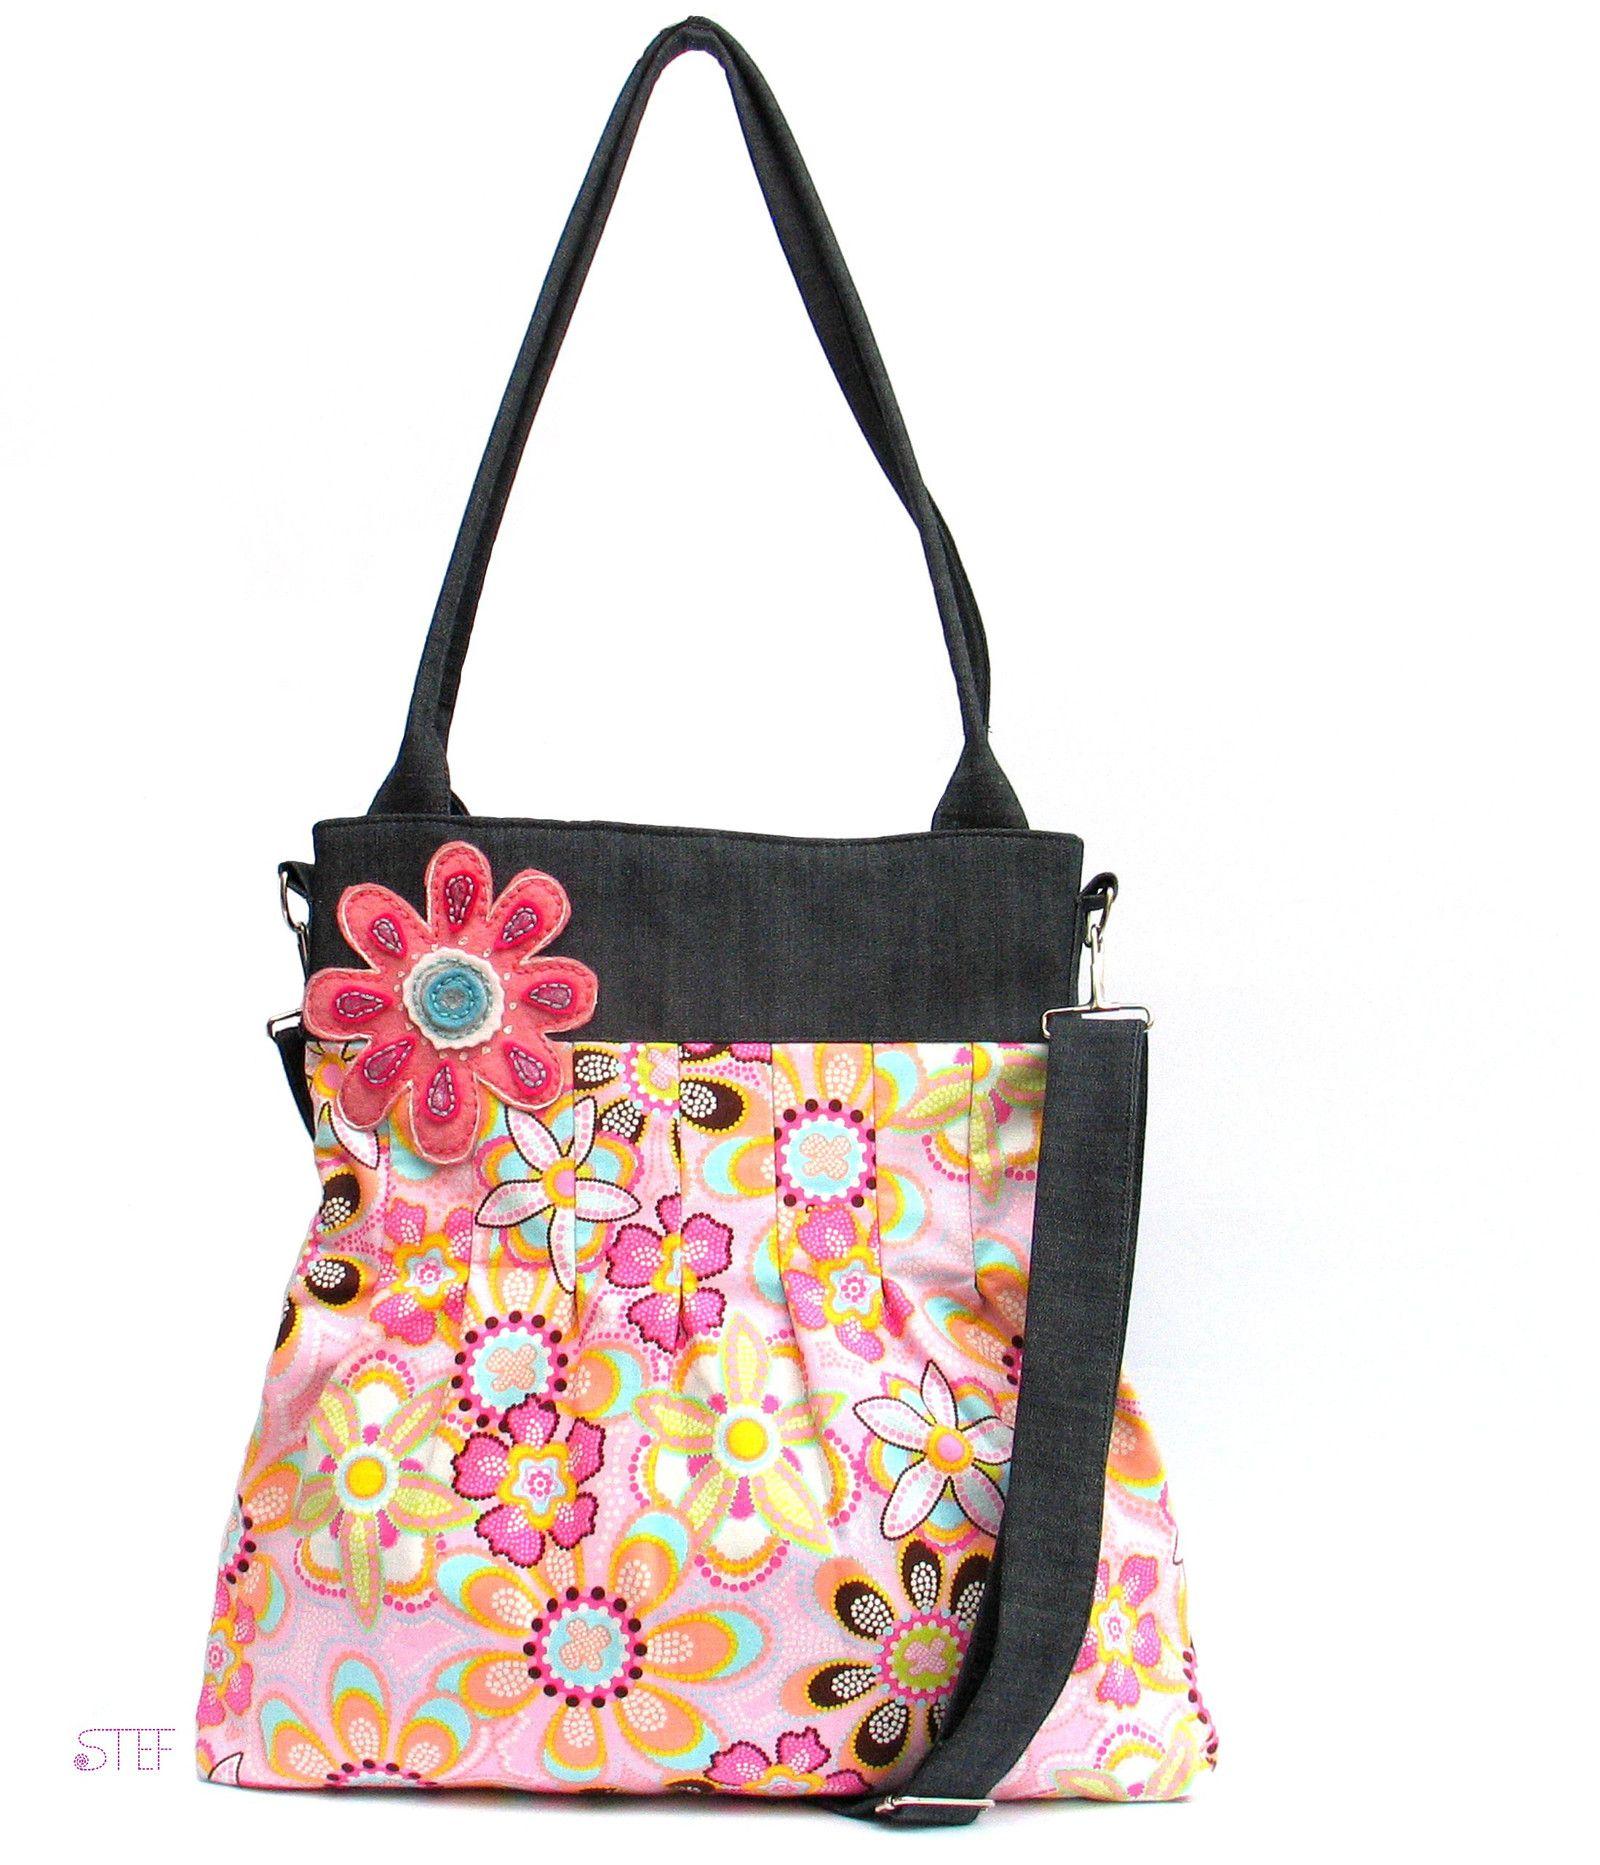 60eb753066 Riflová+kabelka+s+květinovou+broží+Kabelka+je+vyrobena+z+tmavě+modré ...